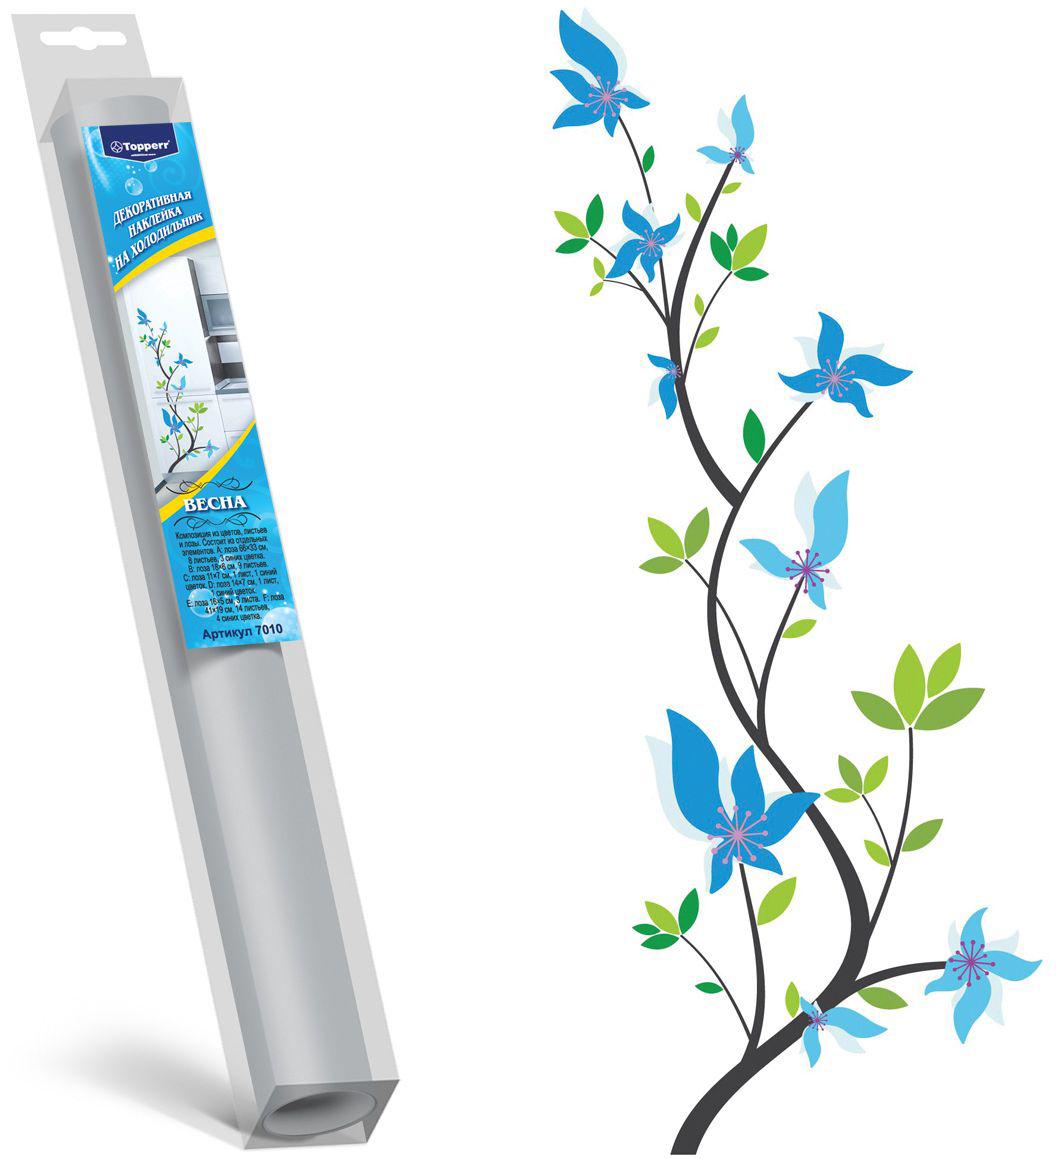 Декоративная наклейка Topperr Весна для холодильников7010Декоративная цветная наклейка на холодильник из винила Весна. Композиция из цветов, листьев и лозы. Состоит из отдельных элементов. А: лоза 66 х 33,5 см, 8 листьев, 3 синих цветка, В: ветка 18 х 6 см, 9 листьев, С: ветка 11 х 0,7 см, 1 лист, 1 синий цветок, D: ветка 14,5 х 0,7 см, 1 лист, 1 синий цветок, Е: ветка 16 х 0,5 см, 3 листа, F: лоза 41 х 19 см, 14 листьев, 4 синих цветка. Способ применения: Достаньте композицию из упаковки. Наклеивать нужно на чистую и сухую поверхность. Аккуратно отделите рисунок от бумаги. Смочите оборотную сторону мыльным раствором. Начинать приклеивать композицию лучше сверху. Приклеивайте рисунок на поверхность, тщательно разглаживания композицию по направлению от середины к краям. В упаковке: 1 шт